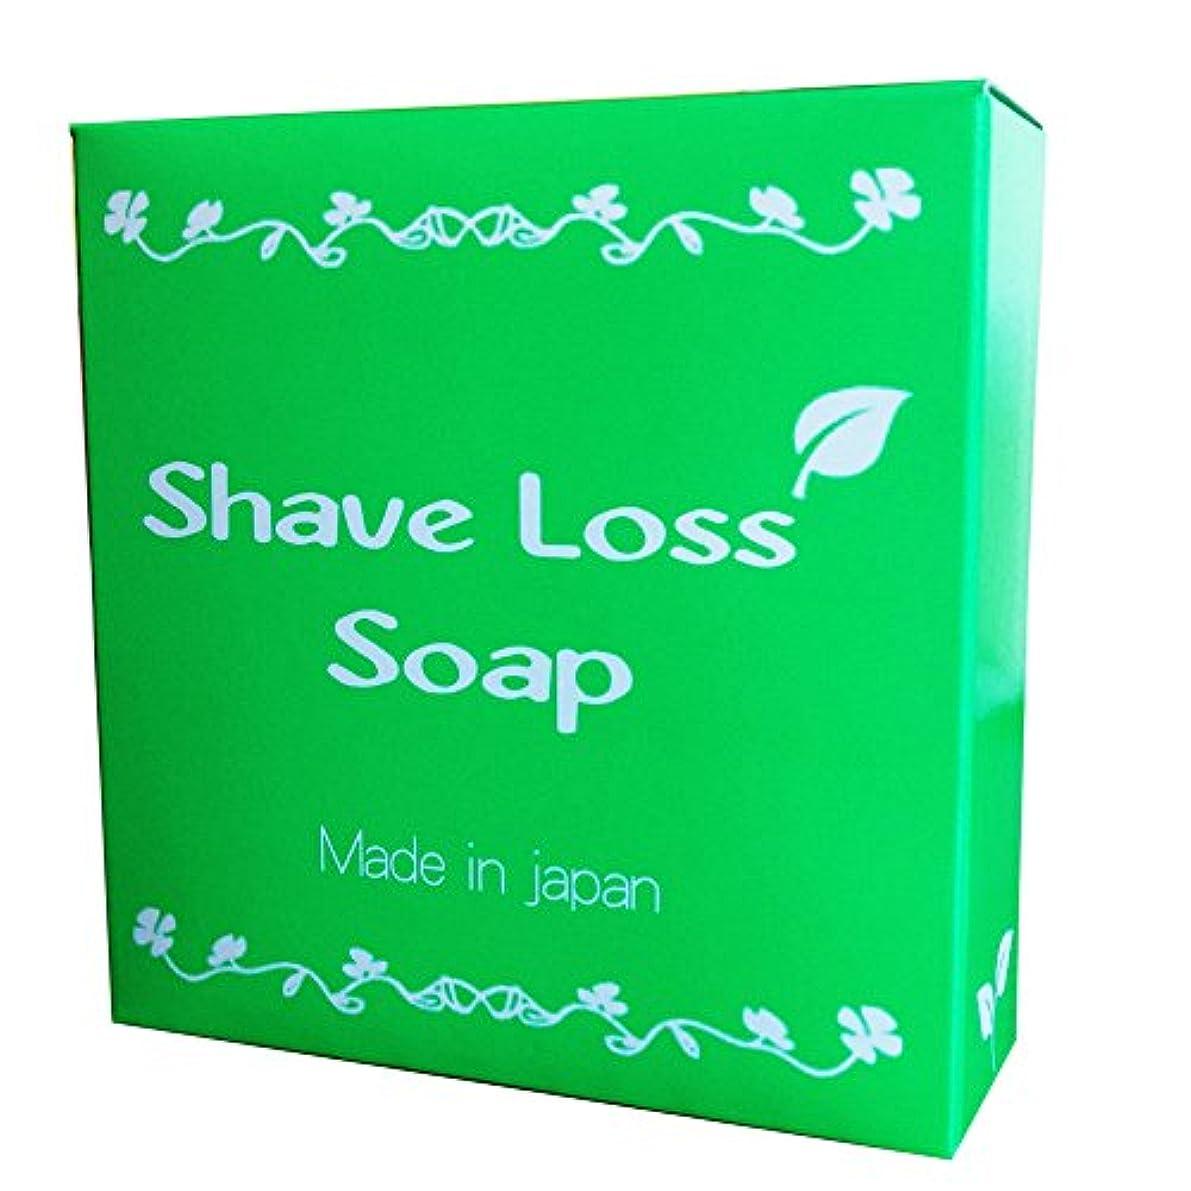 観光テスピアンペグShave Loss Soap 女性のツルツルを叶える 奇跡の石鹸 80g (1個)